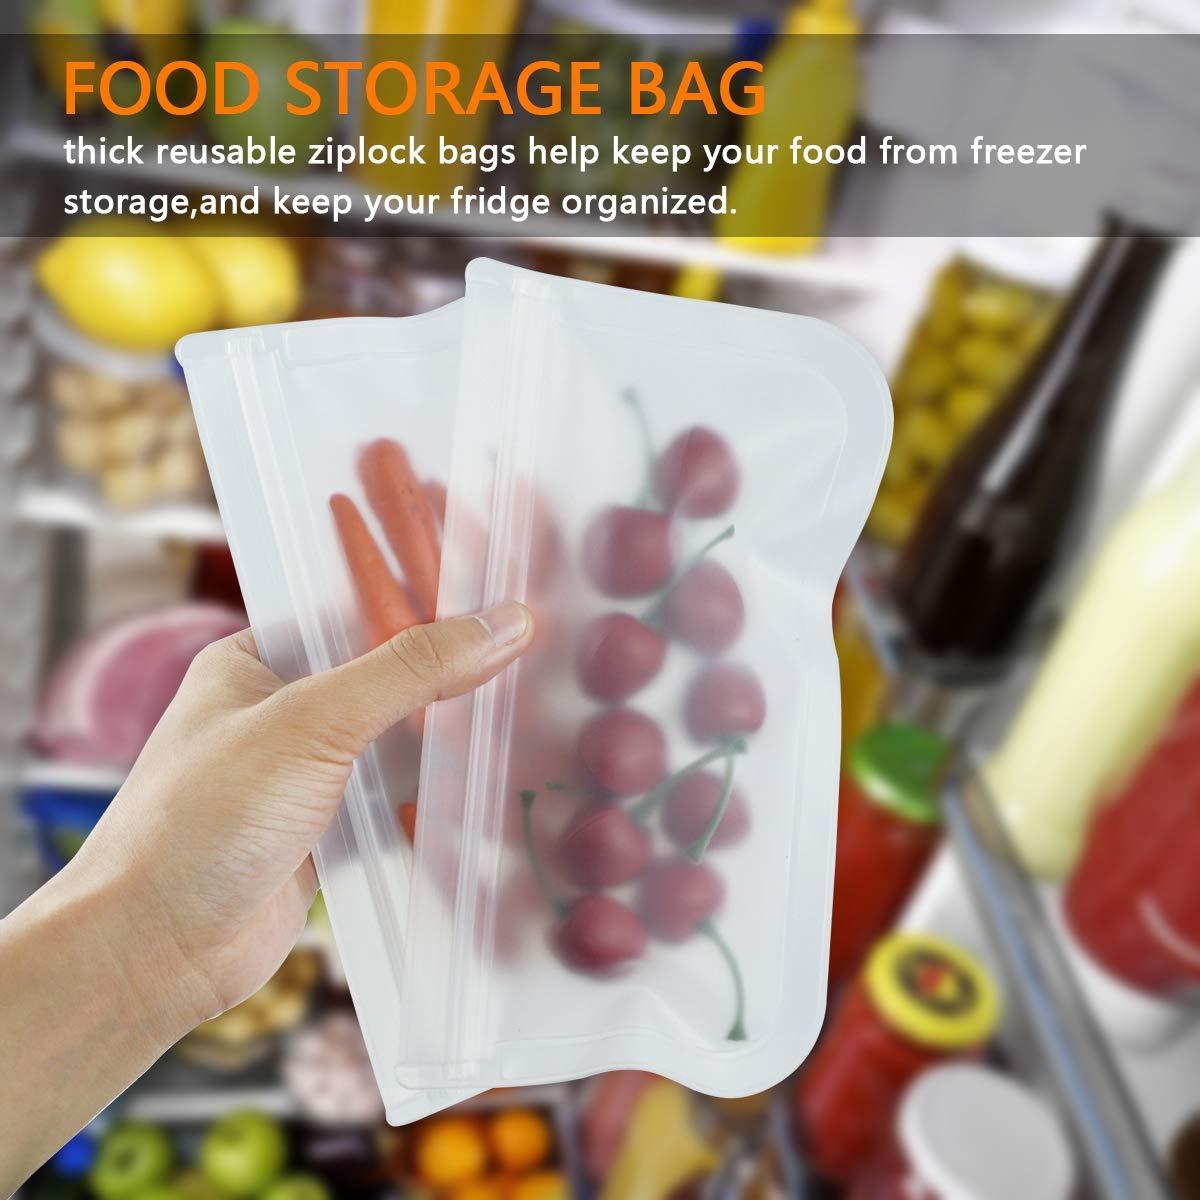 confezione da 12 sacchetti ermetici per freezer senza BPA Sacchetti riutilizzabili a tenuta stagna riutilizzabili, 7 sacchetti per sandwich e 5 sacchetti per snack